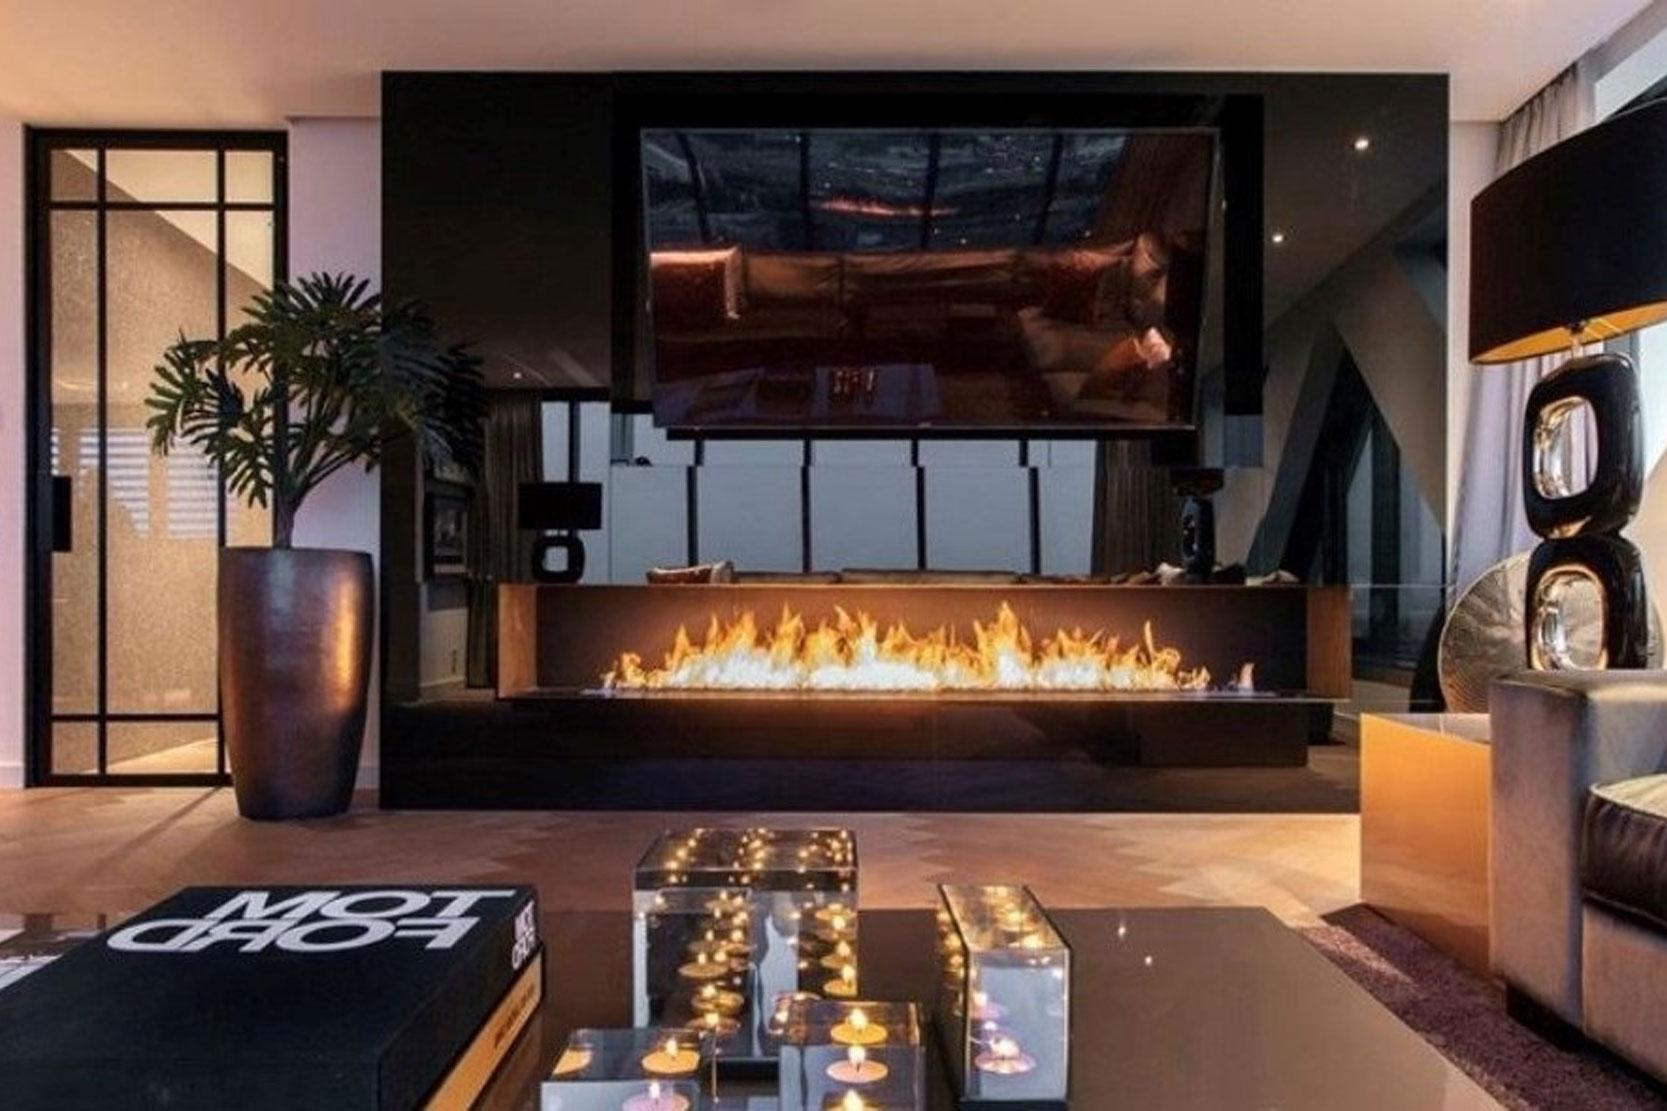 Kubo Deco, mobilier, décoration d'intérieur, A Fire Design, Morges, Suisse Romande, meubles contemporains